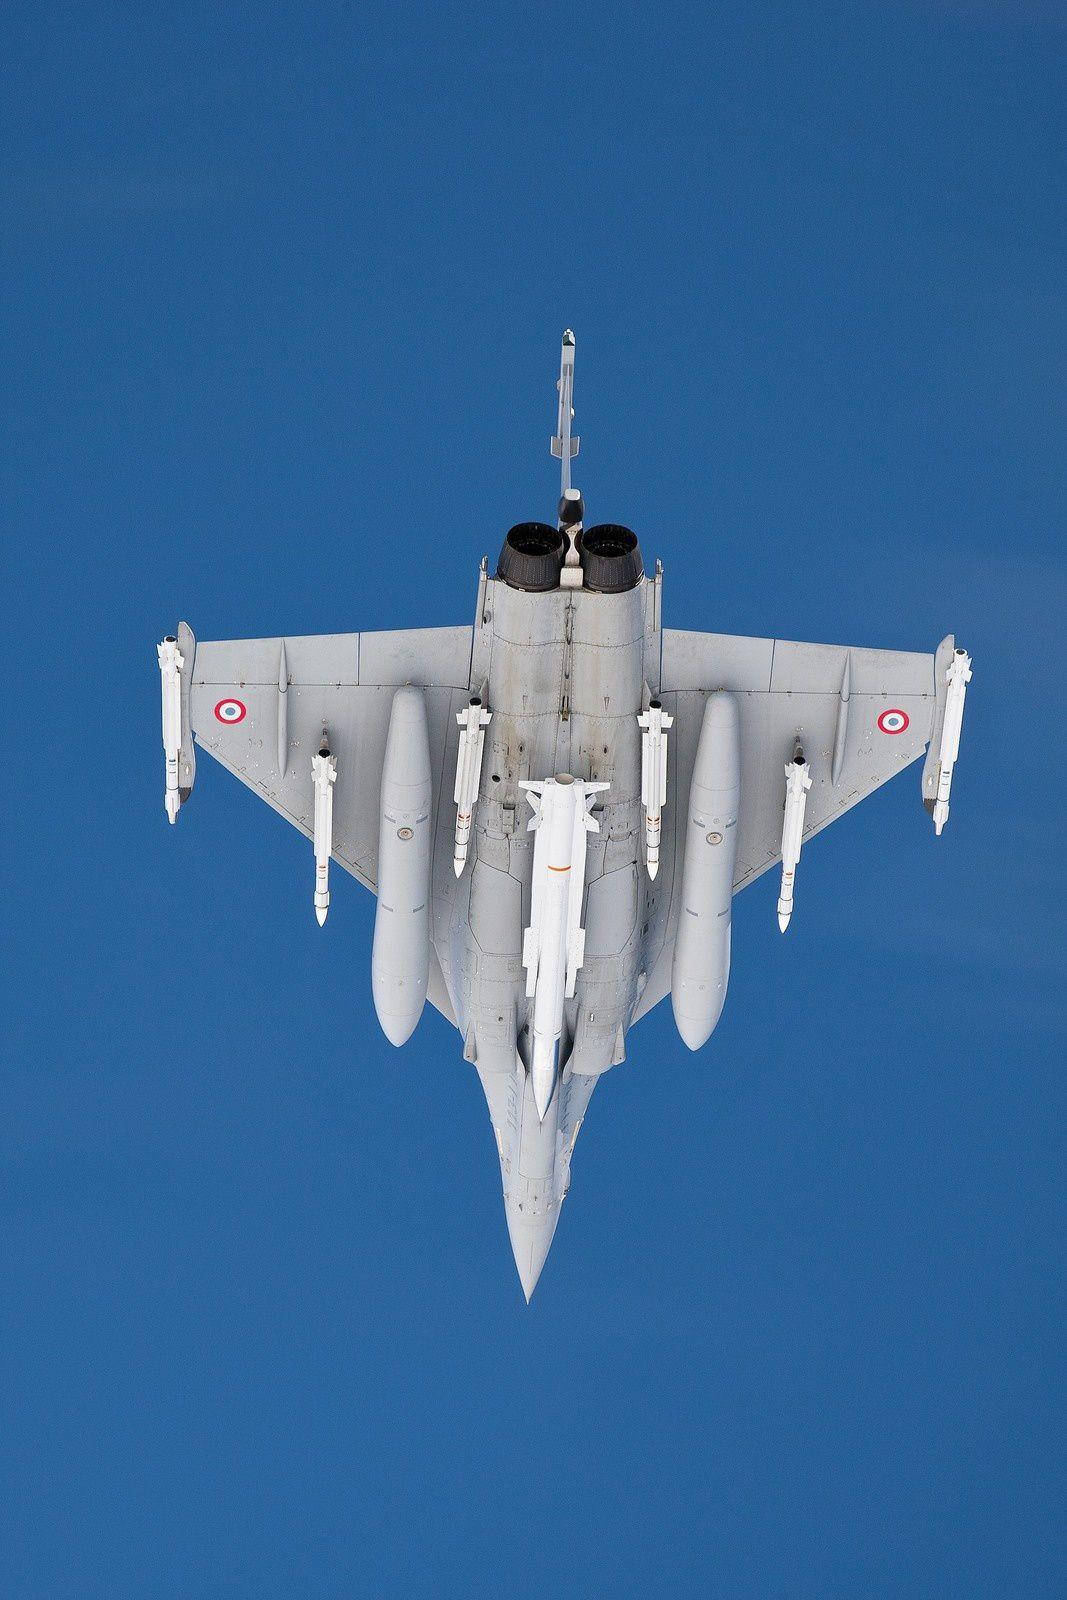 © Armée de l'air / Ministère des Armées